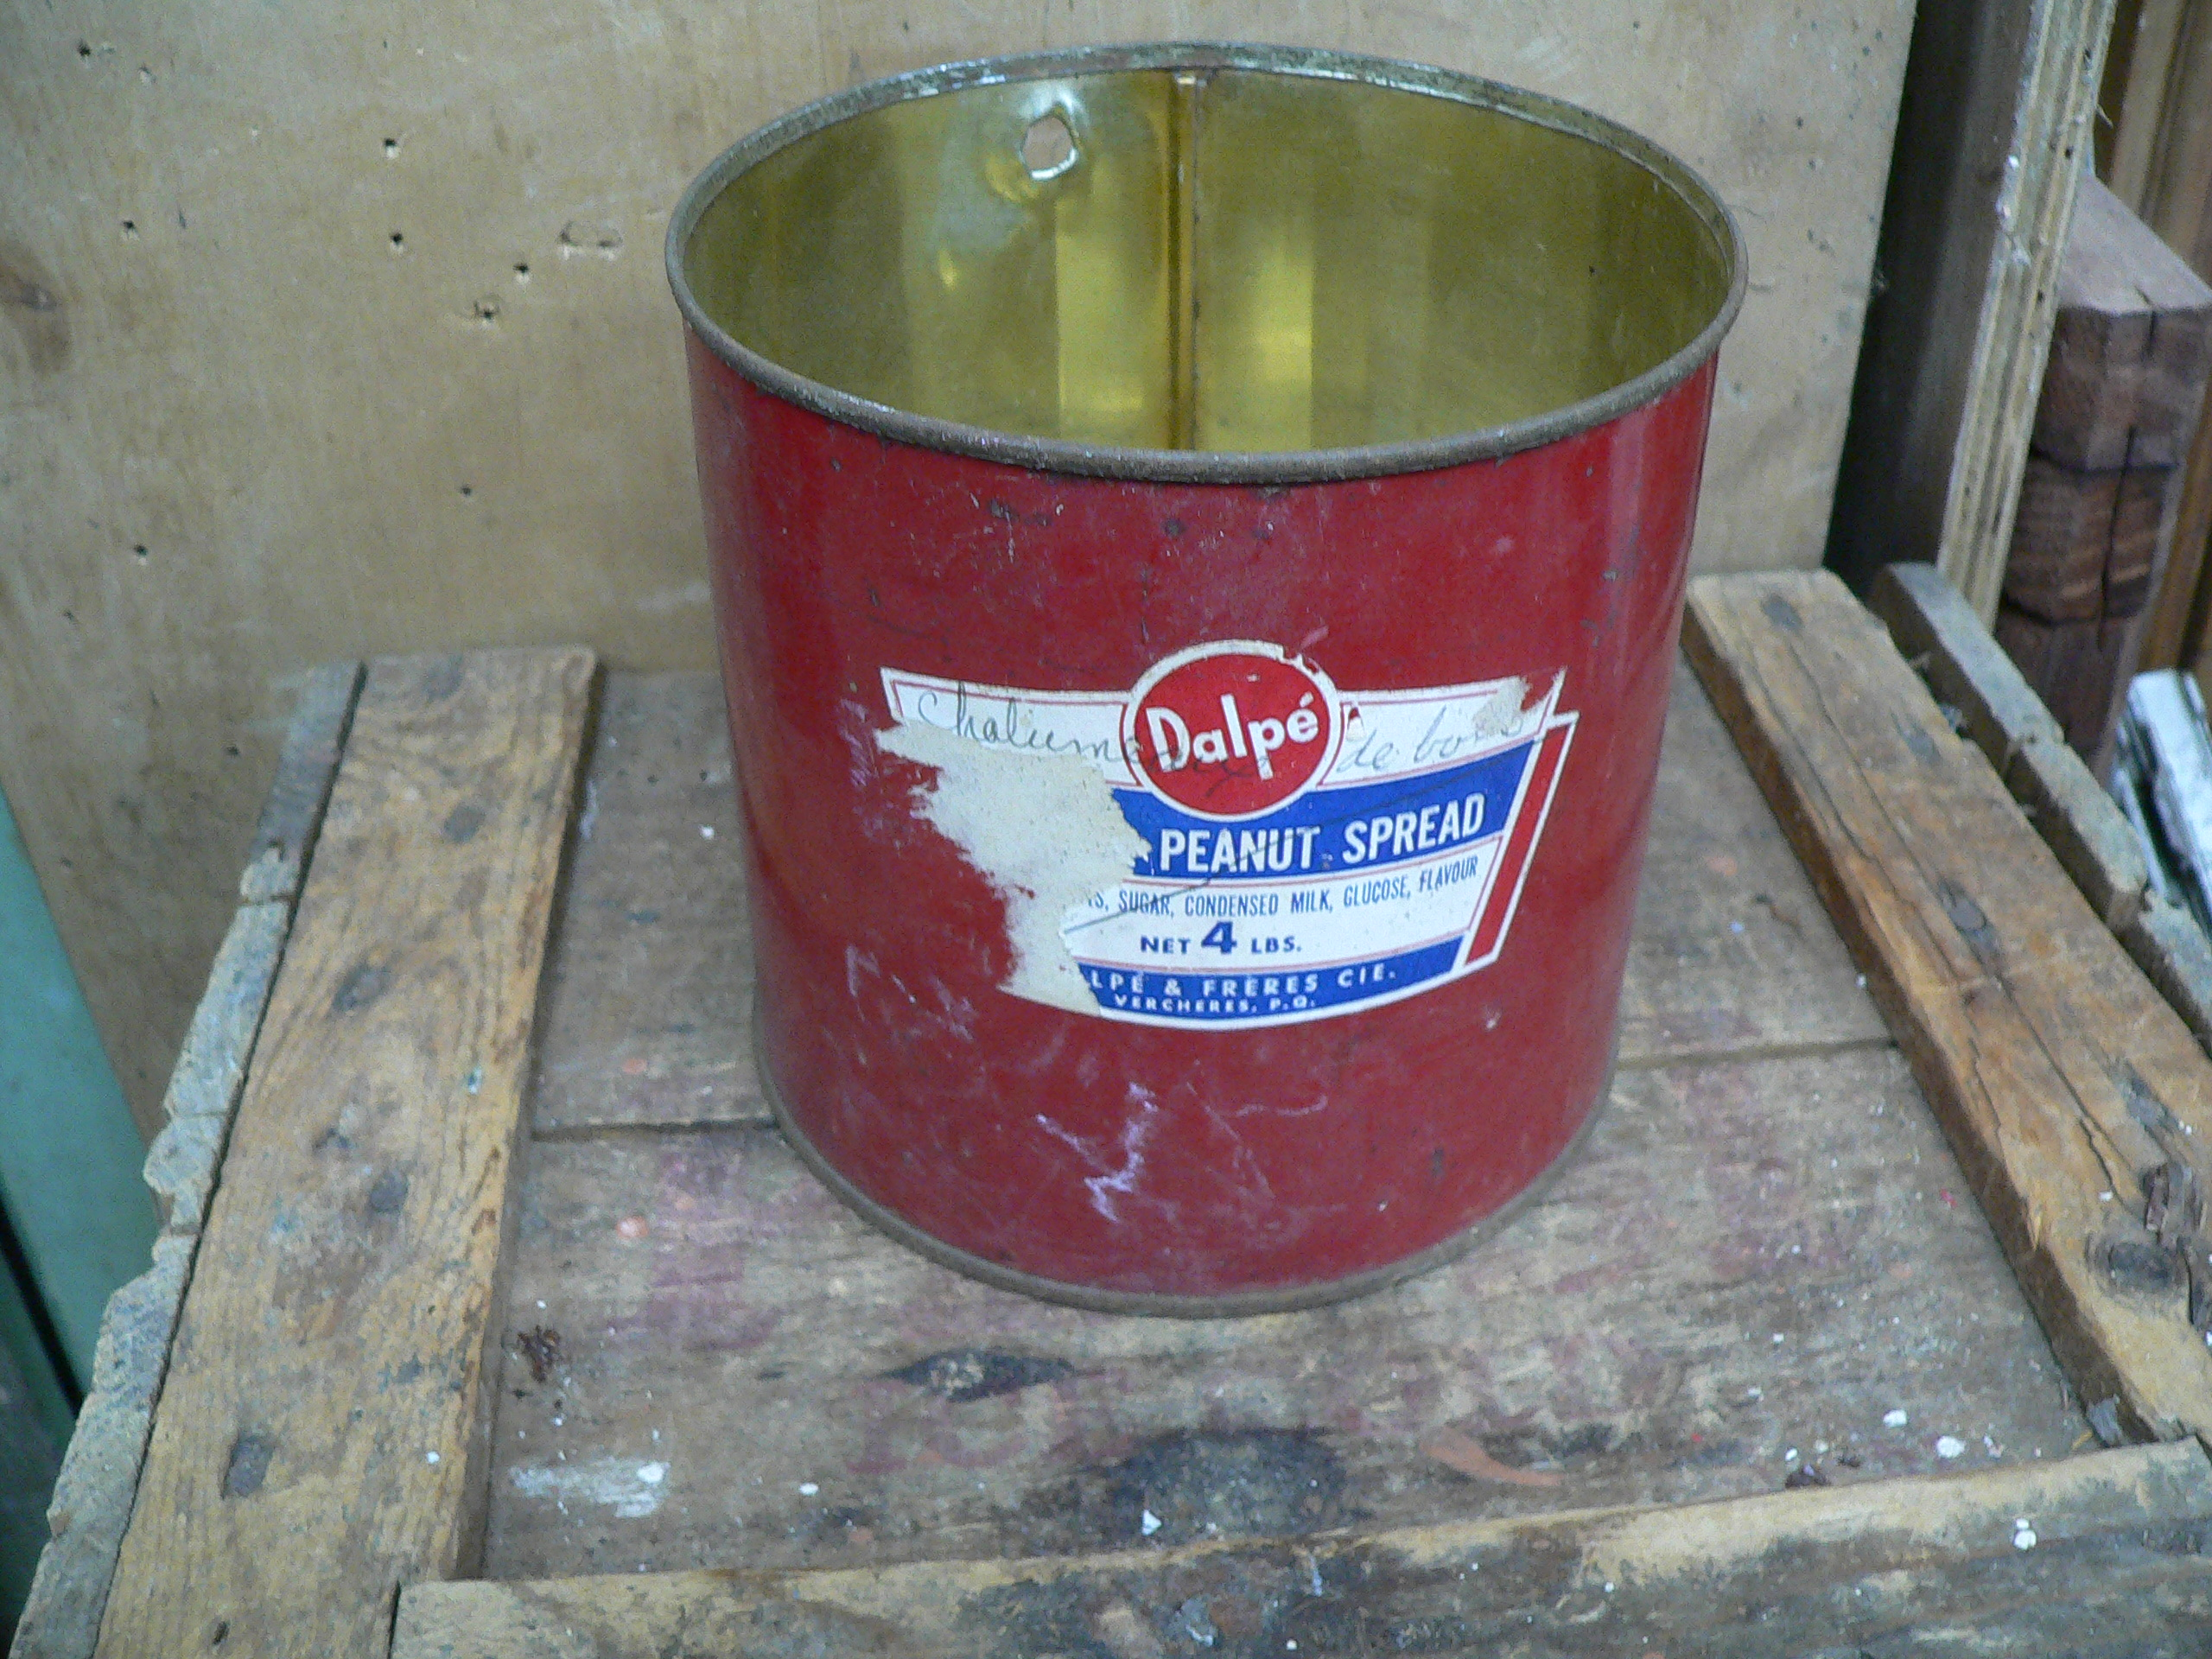 Canne de beurre peanut dalpé & frère # 6209.2